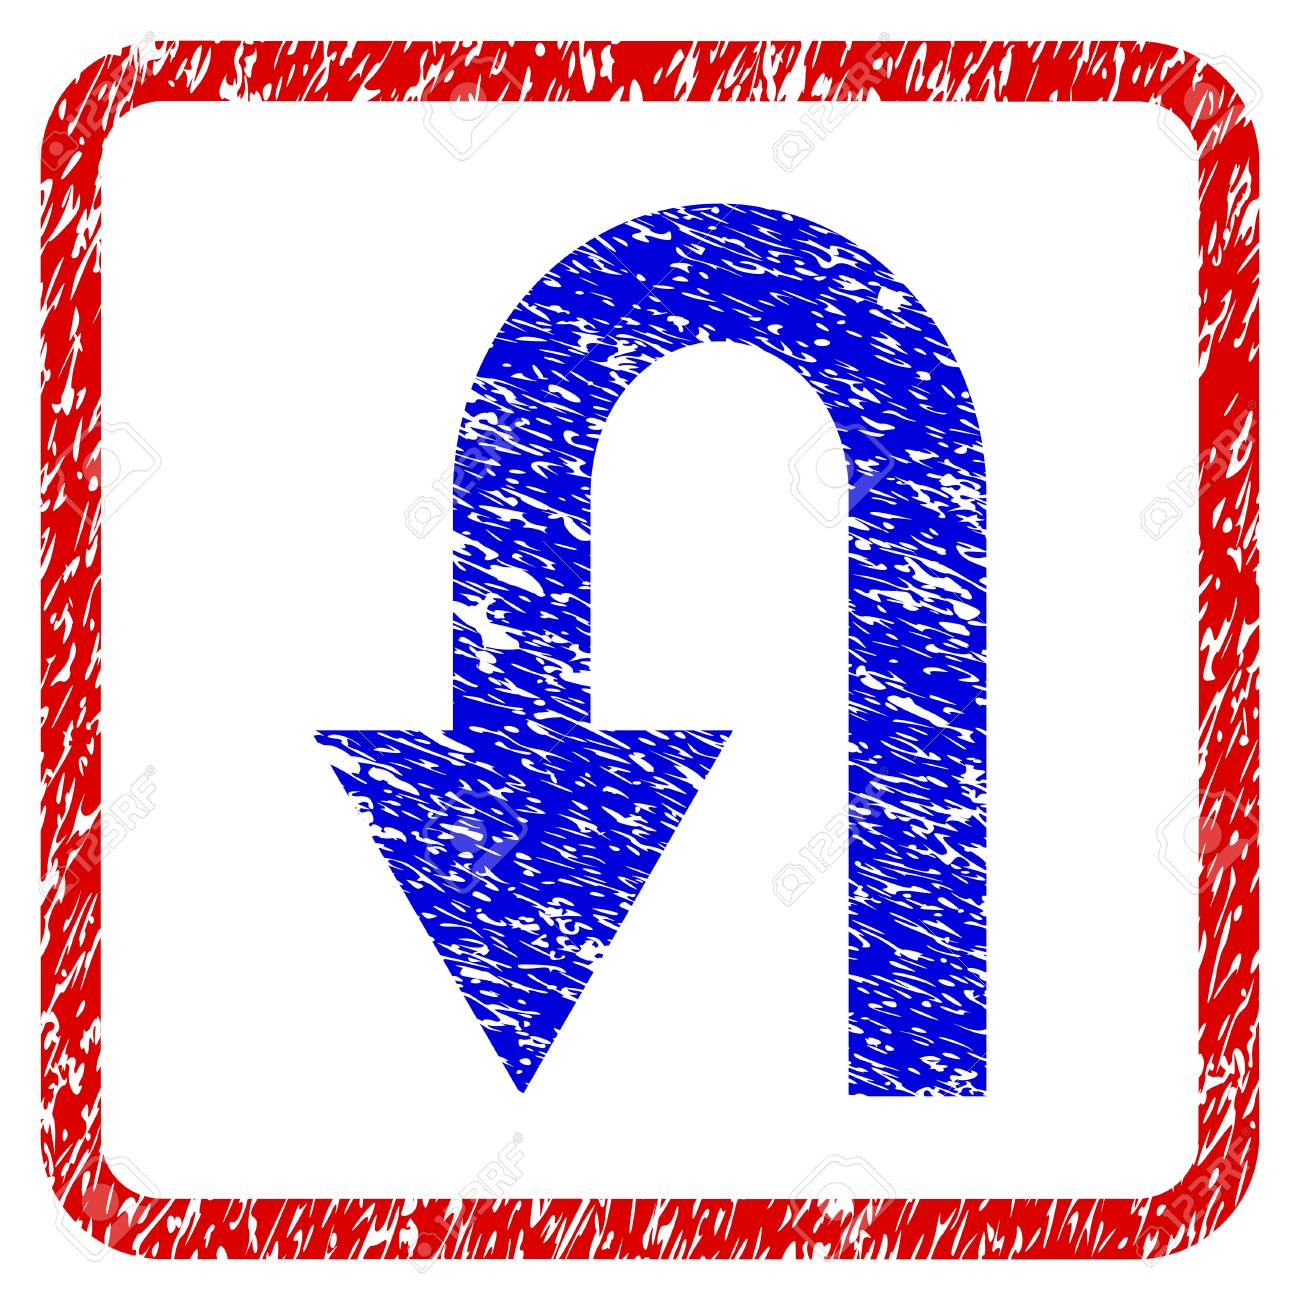 Zurück Grunge Texturierte Symbol. Abgerundeter Roter Rahmen Mit ...